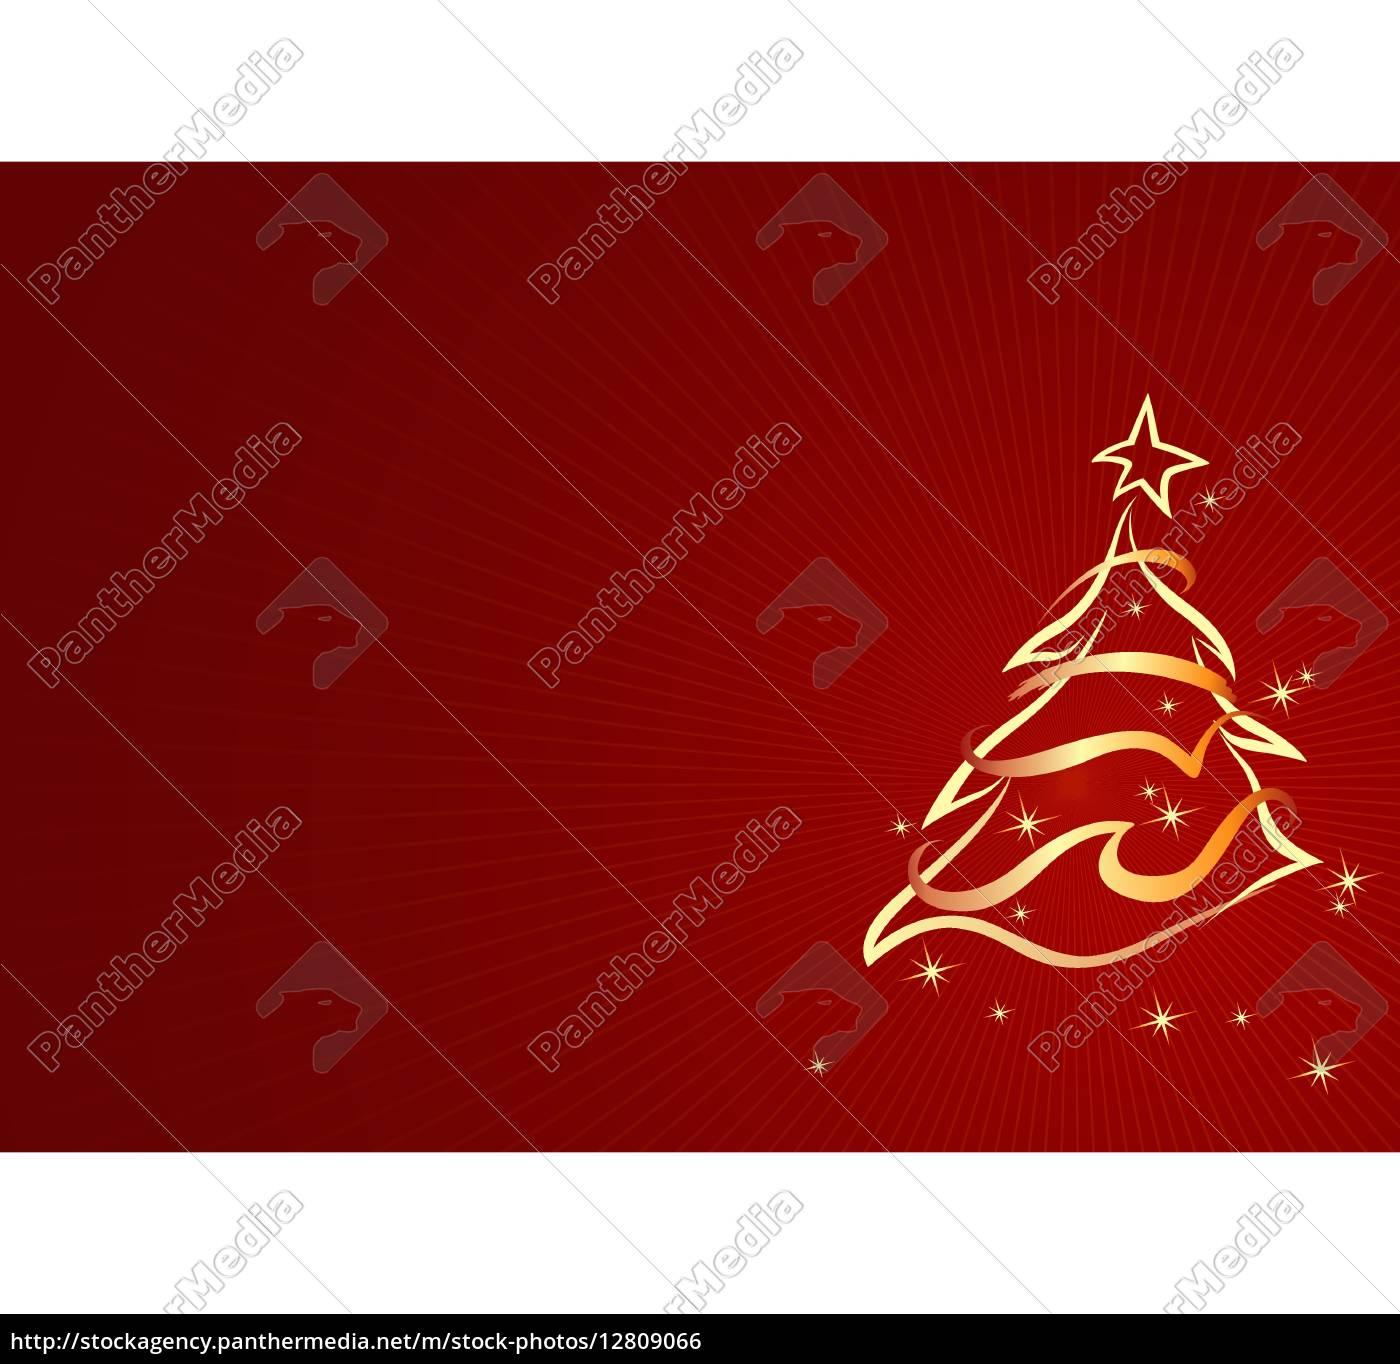 Weihnachten Lizenzfreie Bilder.Lizenzfreie Vektorgrafik 12809066 Gold Abstrakt Xmas Tree Weihnachten Hintergrund